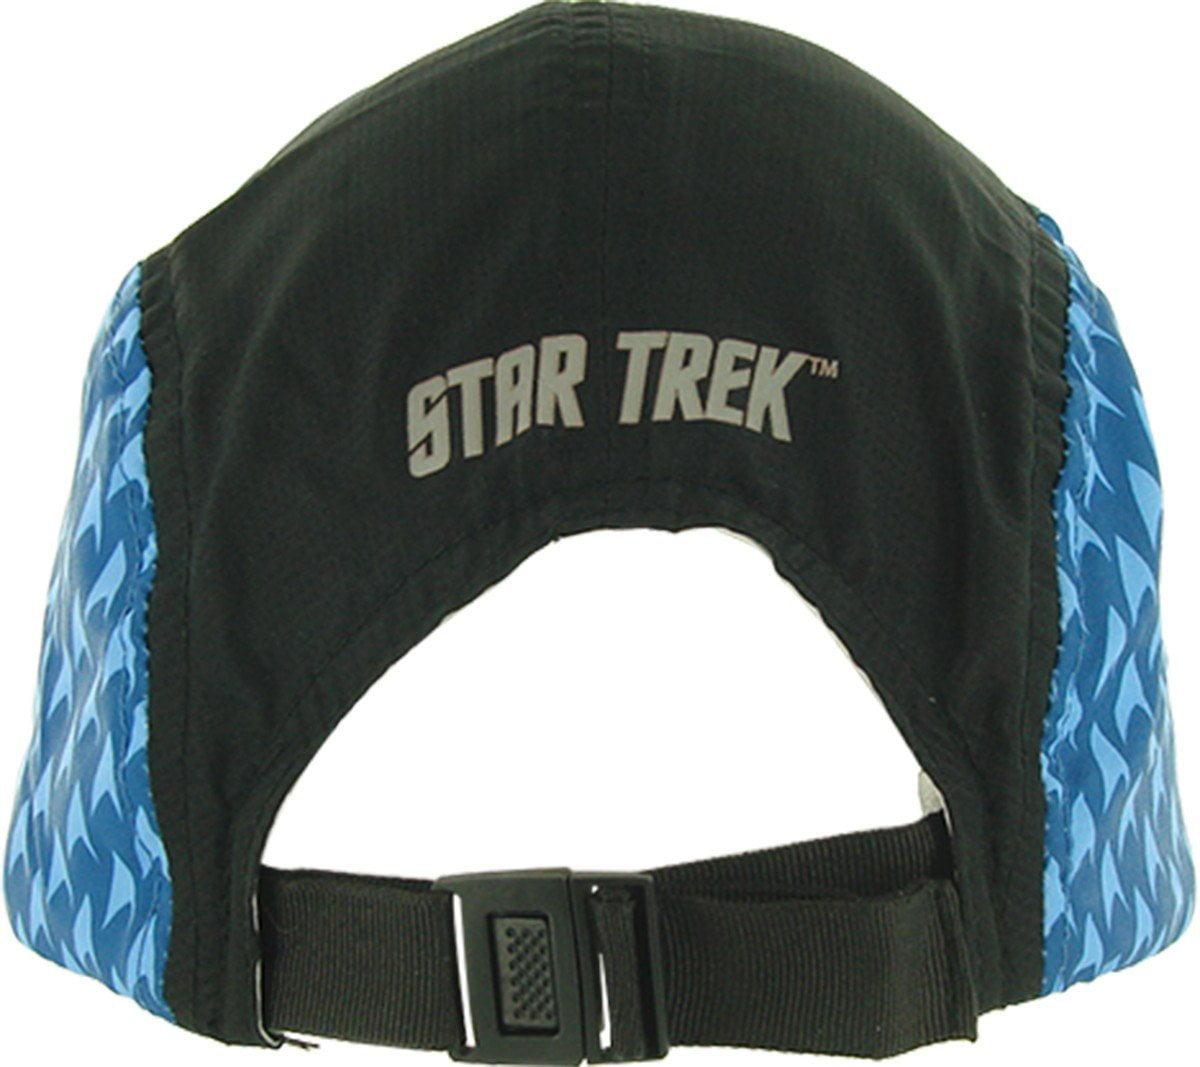 0da7034d978 Brainstorm Gear - Brainstorm Gear Star Trek Featherweight Running Hat (one  size fits most) - Gold (Command) - Walmart.com